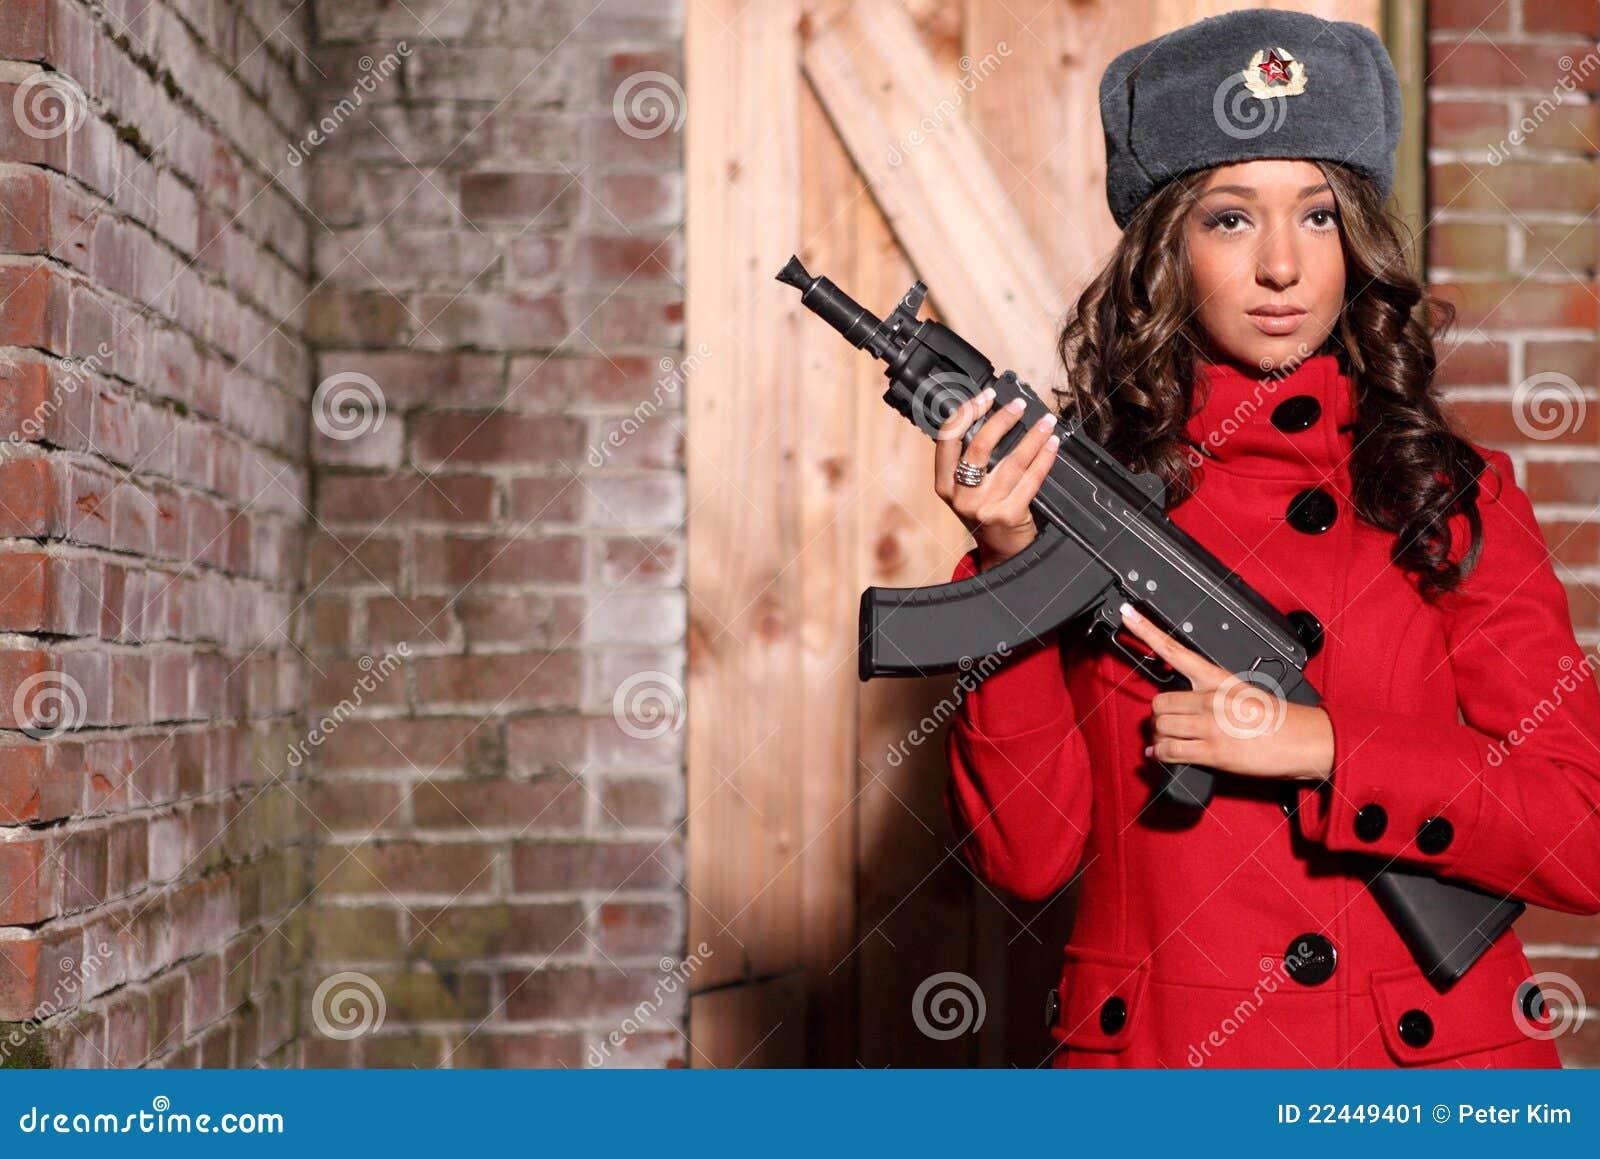 PASIONCOM - Chica rusa en la seu de urgell